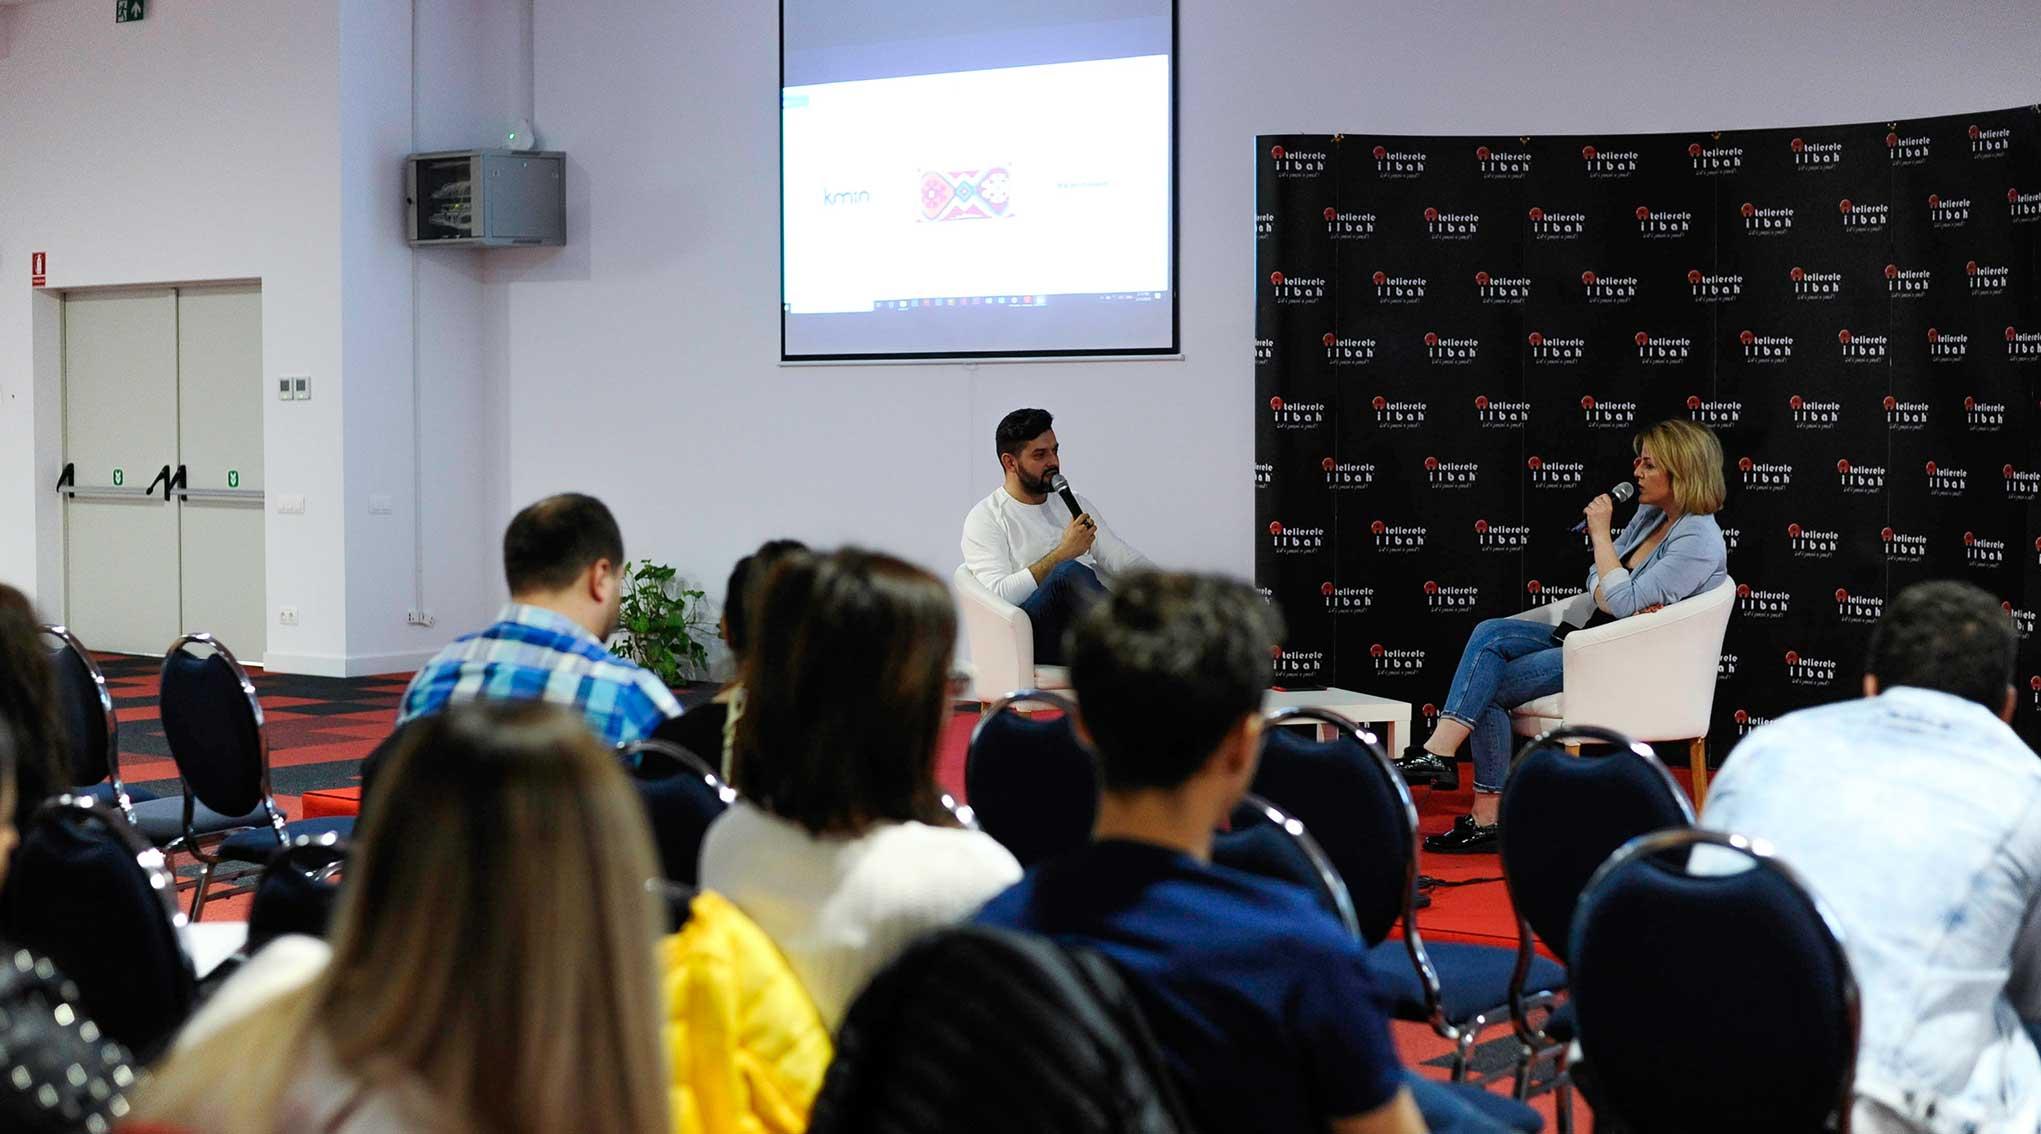 workshop-uri-demonstratii-si-conferinte-marca-atelierele-ilbah-pe-parcursul-a-4-zile-in-cadrul-romexpo-30